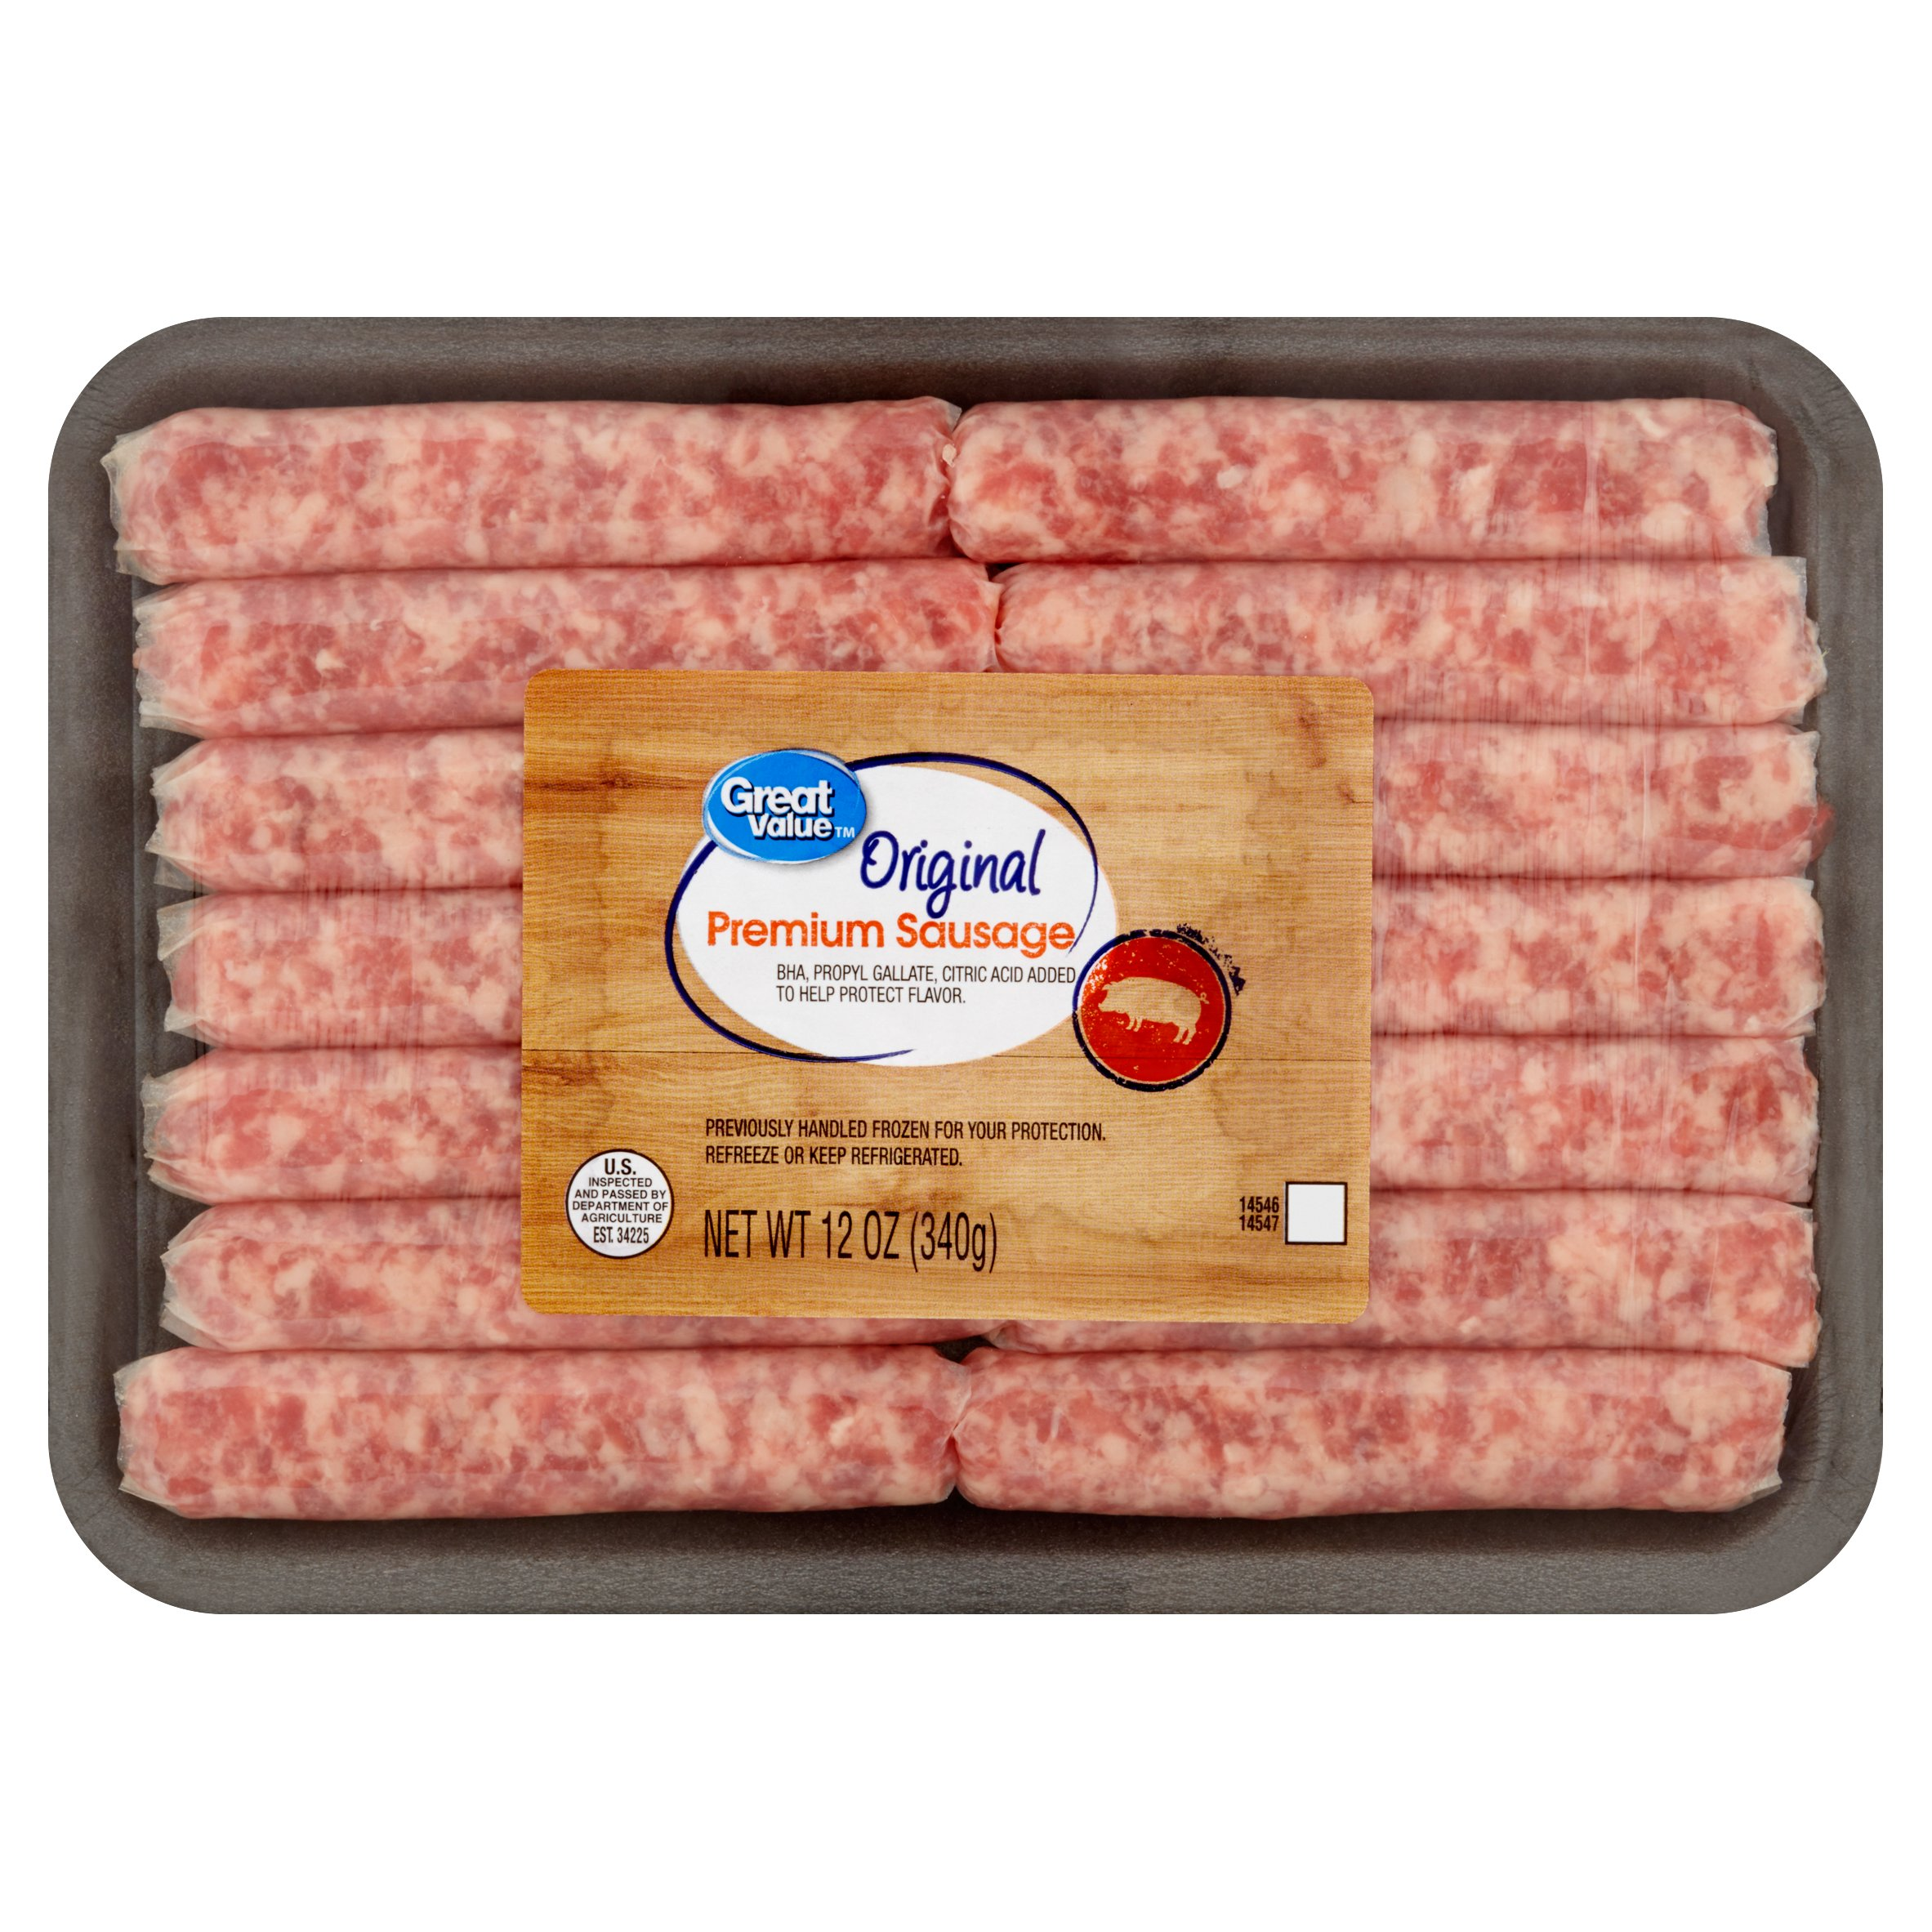 Great Value Original Premium Sausage